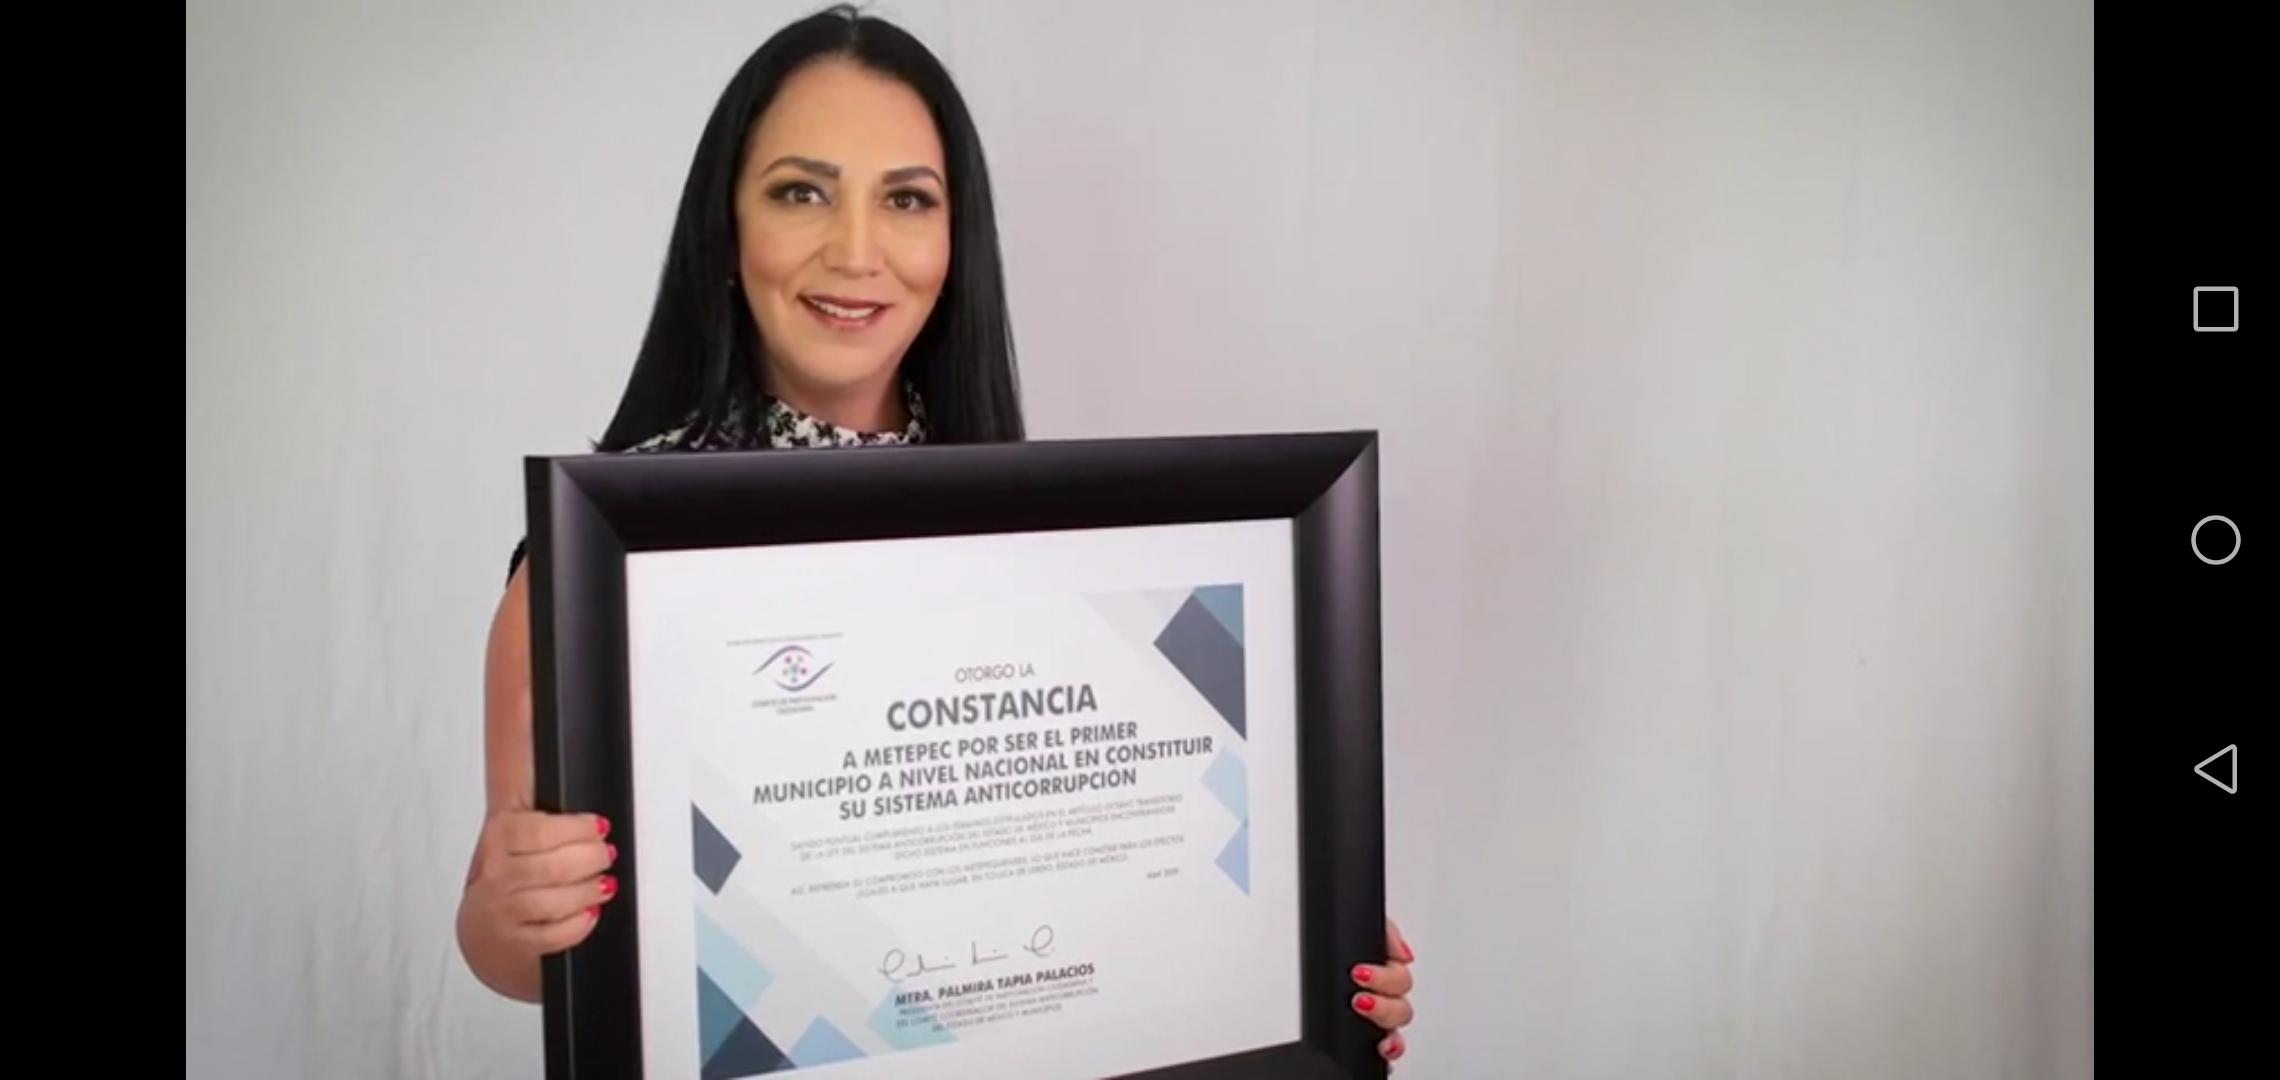 #VIDEO Gobierno de Metepec destaca por ser vanguardista y referente nacional